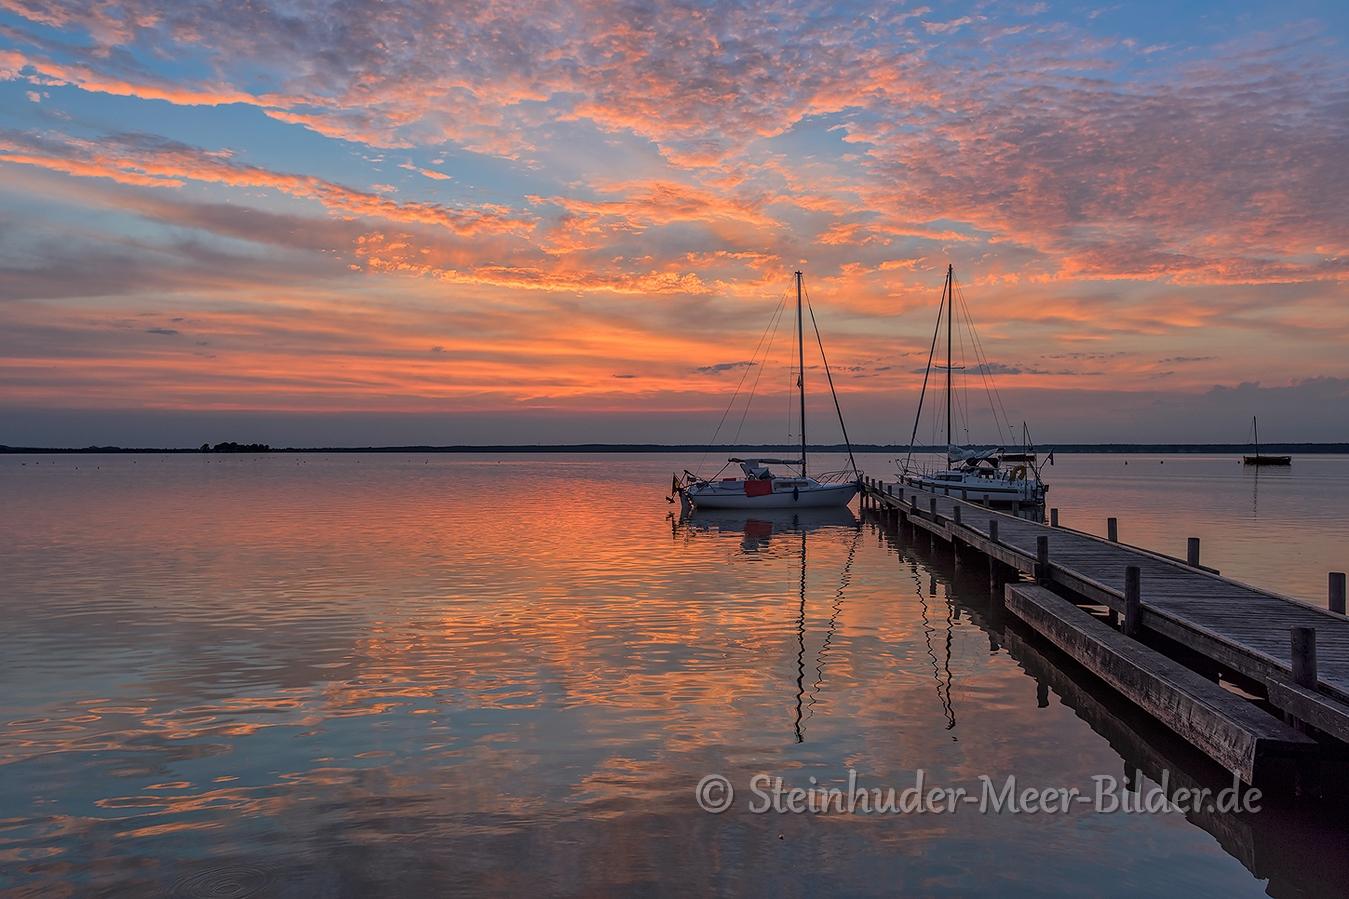 Abendrot-Wolken-Wolkenhimmel-Steg-Bootssteg-Segelboot-Boot-Sonnenuntergang-Abendhimmel-Daemmerung-Abendstimmung-Abendlicht-Steinhuder Meer-B_NIK_0547